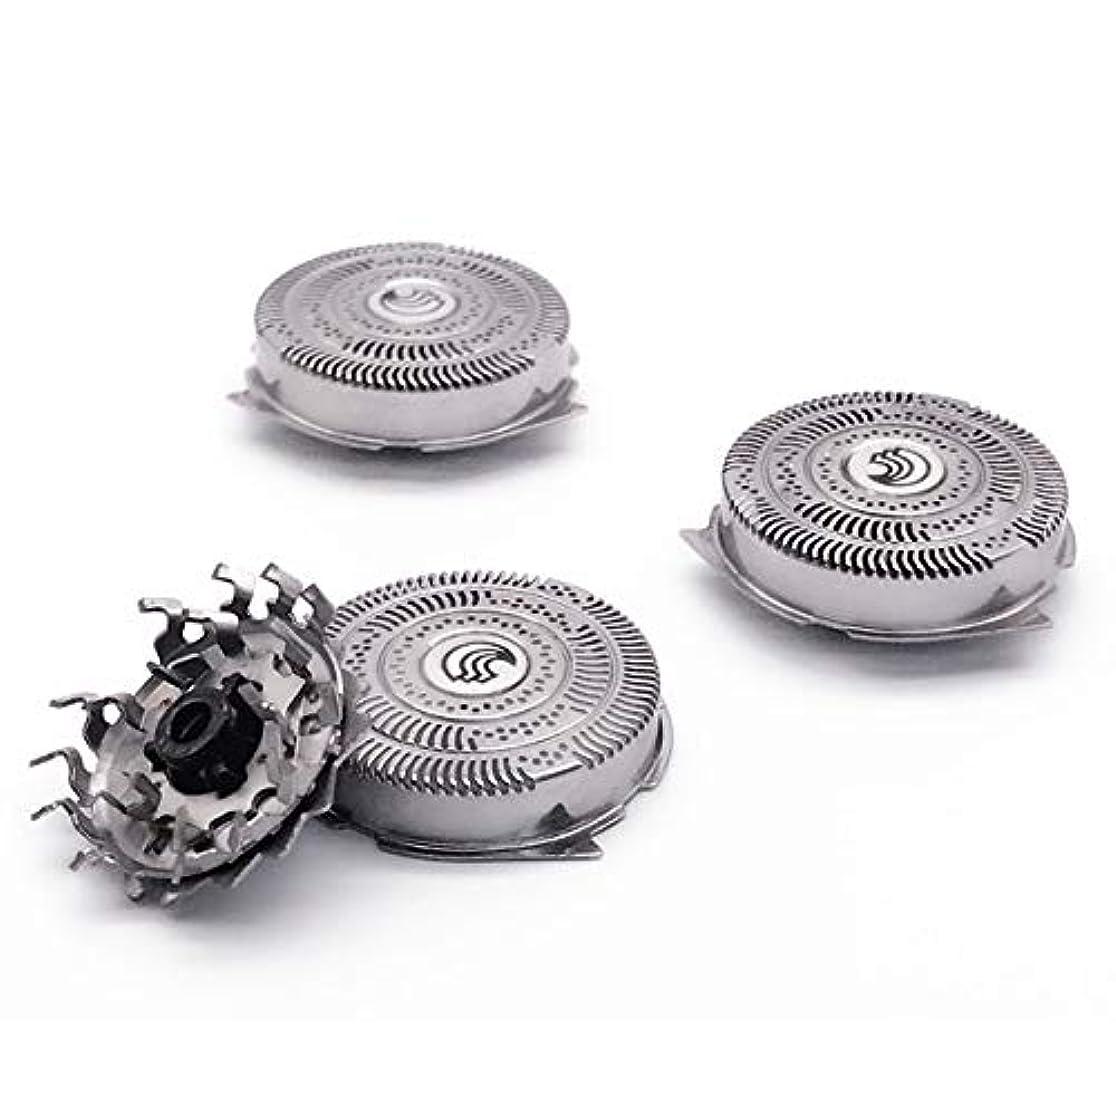 報復する最も傾向シェーバーカミソリヘッド交換 替え刃 に適用するPhilips HQ9 DualPrecisionヘッド(3個)